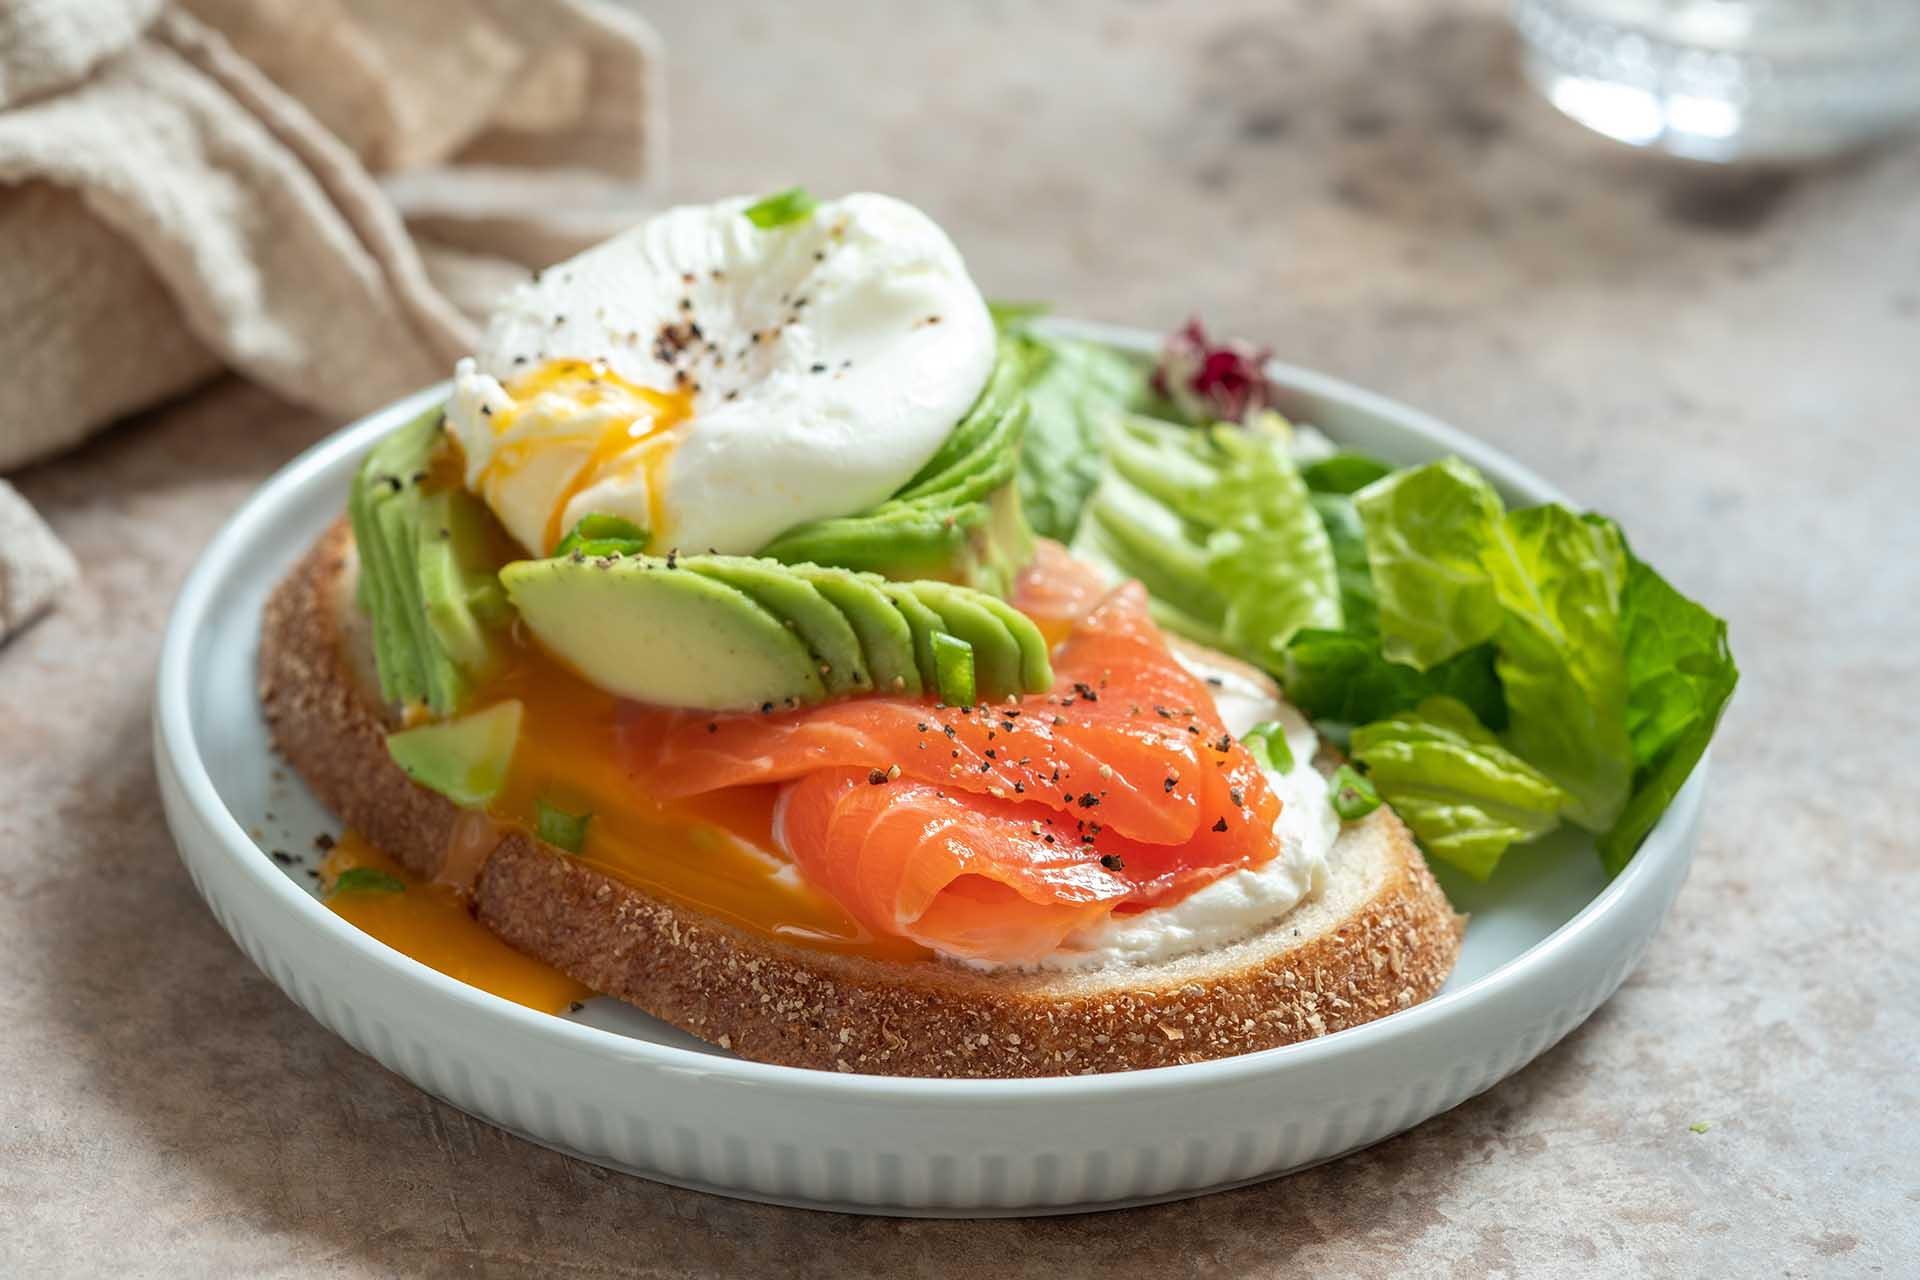 Brød med avokado,egg og laks - eksempel på umettet fett